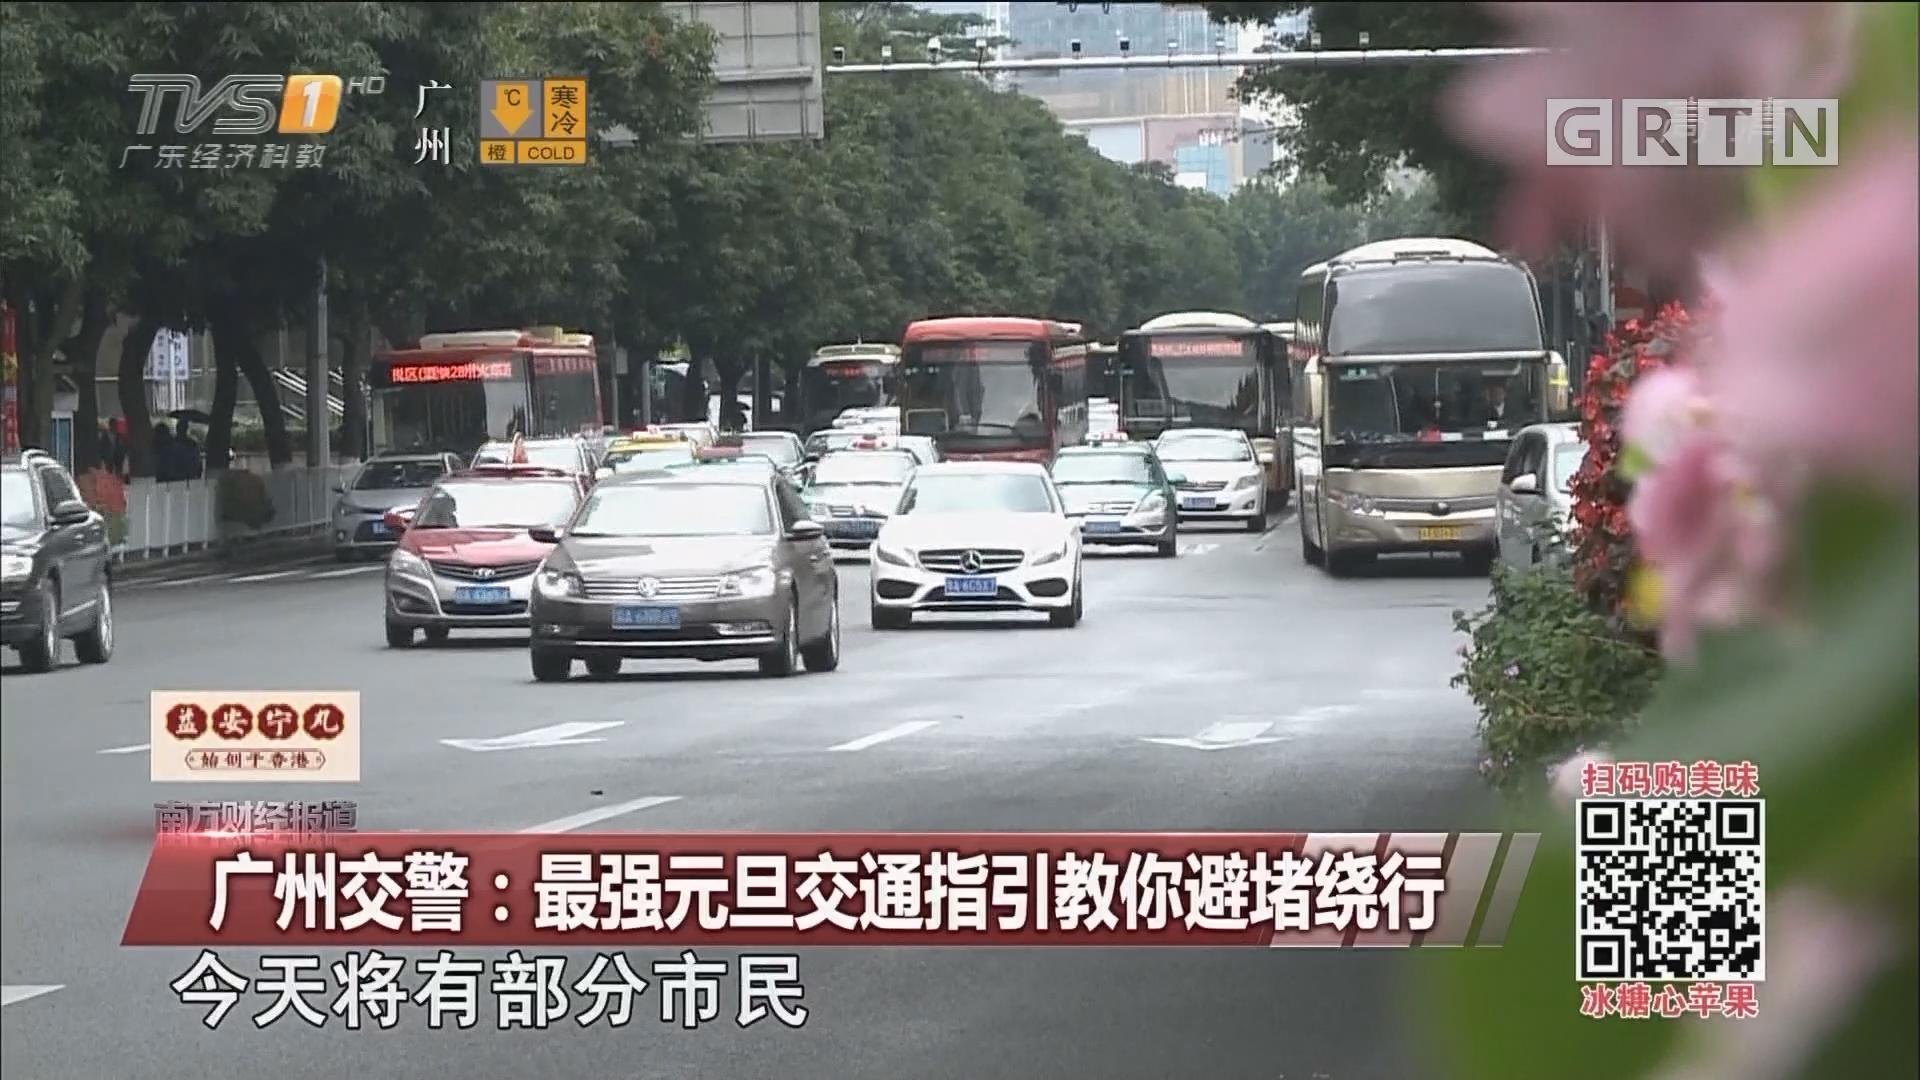 广州交警:最强元旦交通指引教你避堵绕行